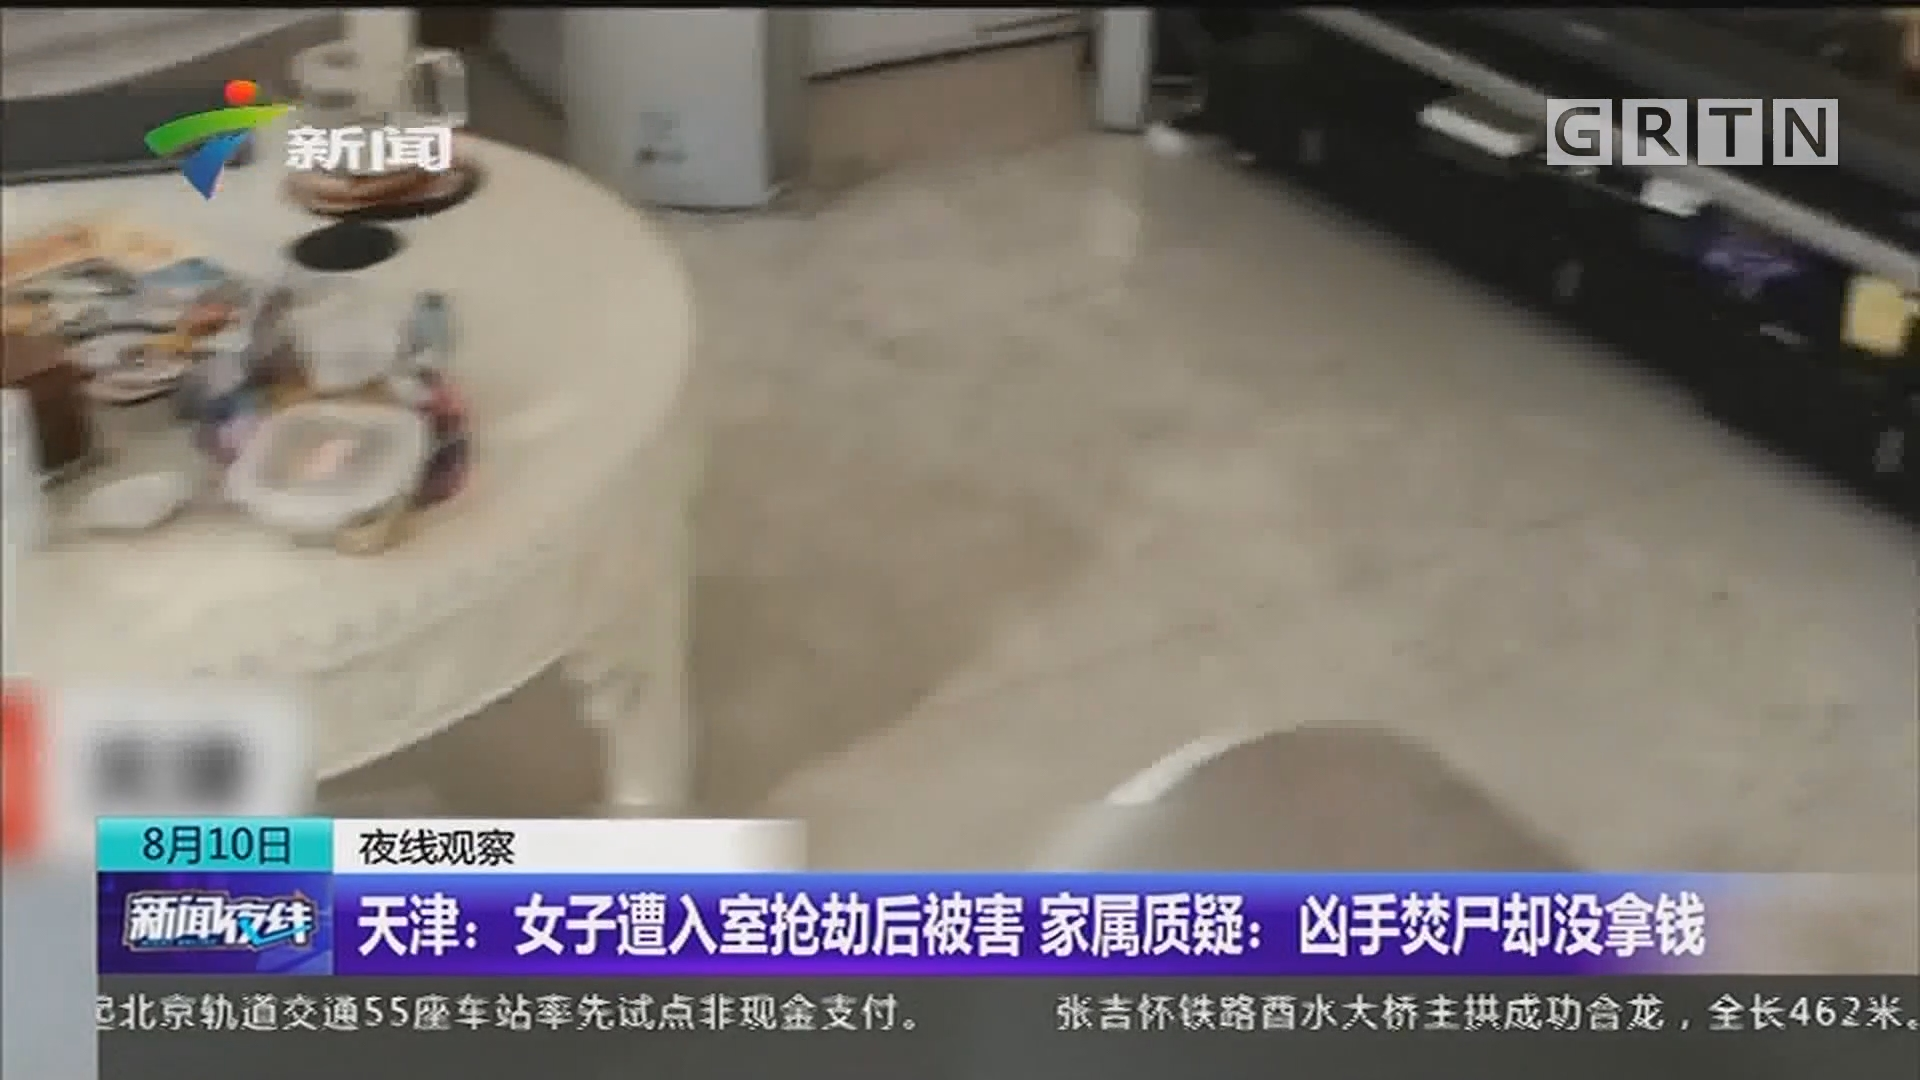 天津:女子遭入室抢劫后被害 家属质疑:凶手焚尸却没拿钱